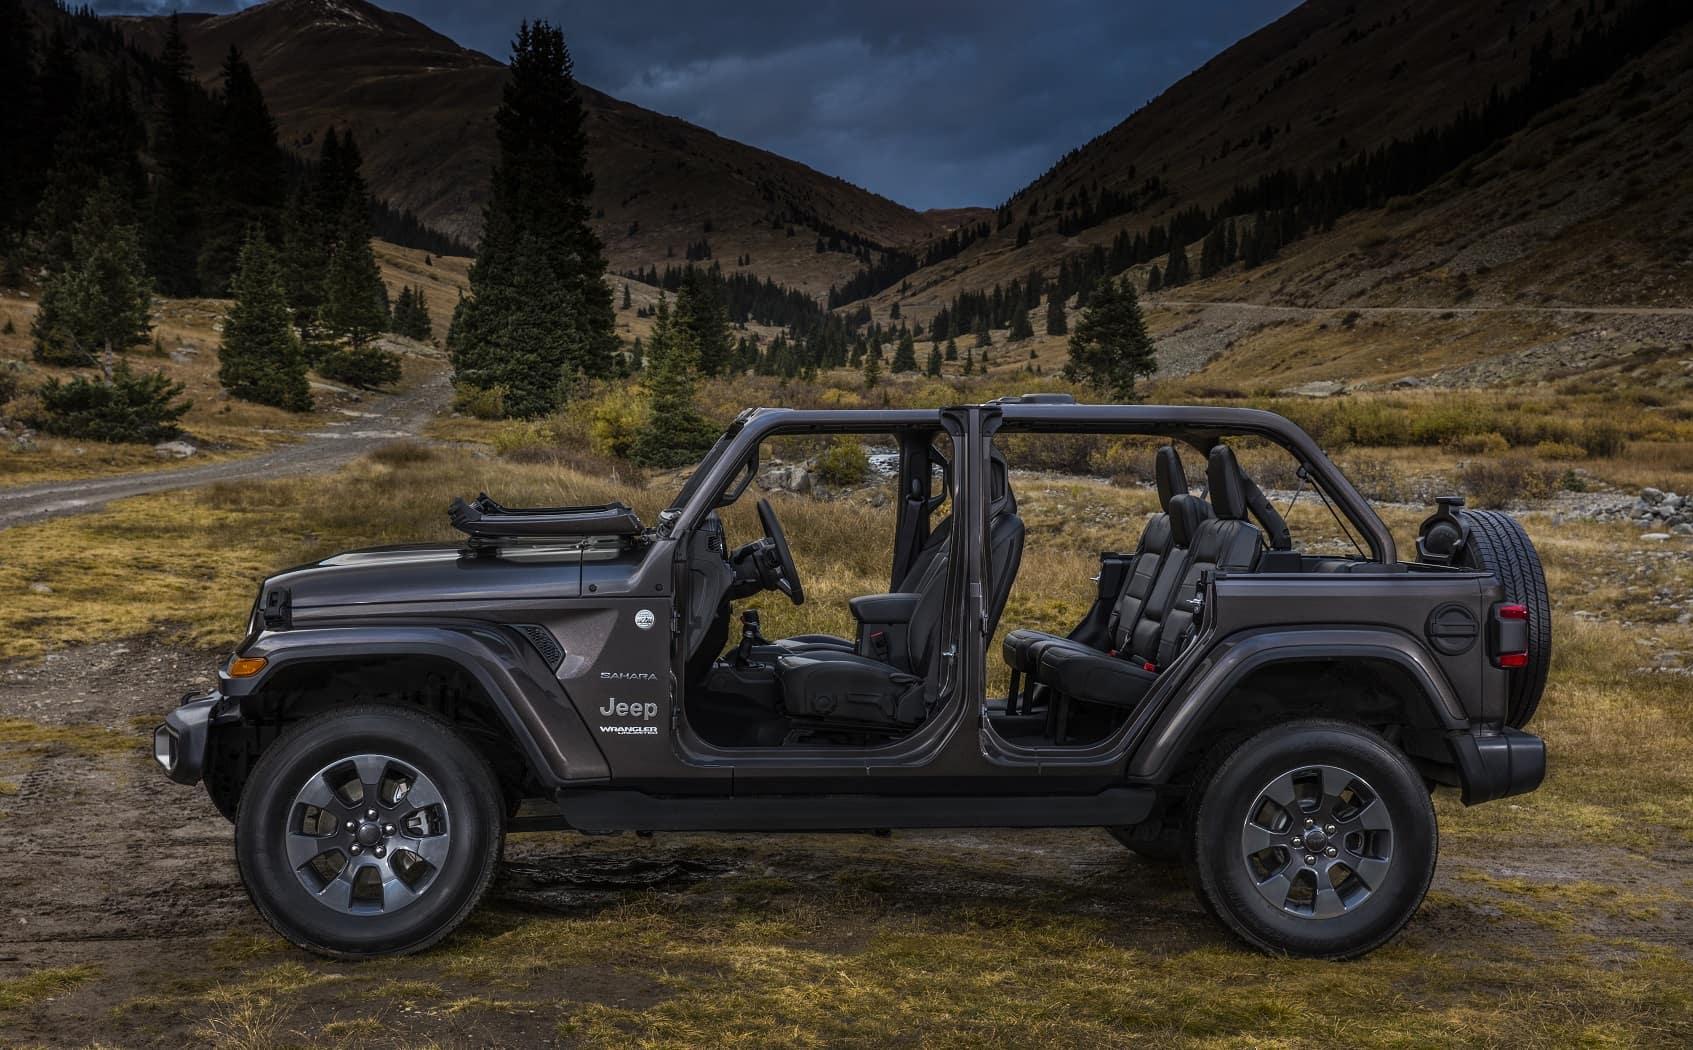 Jeep Wrangler Sahara Trim